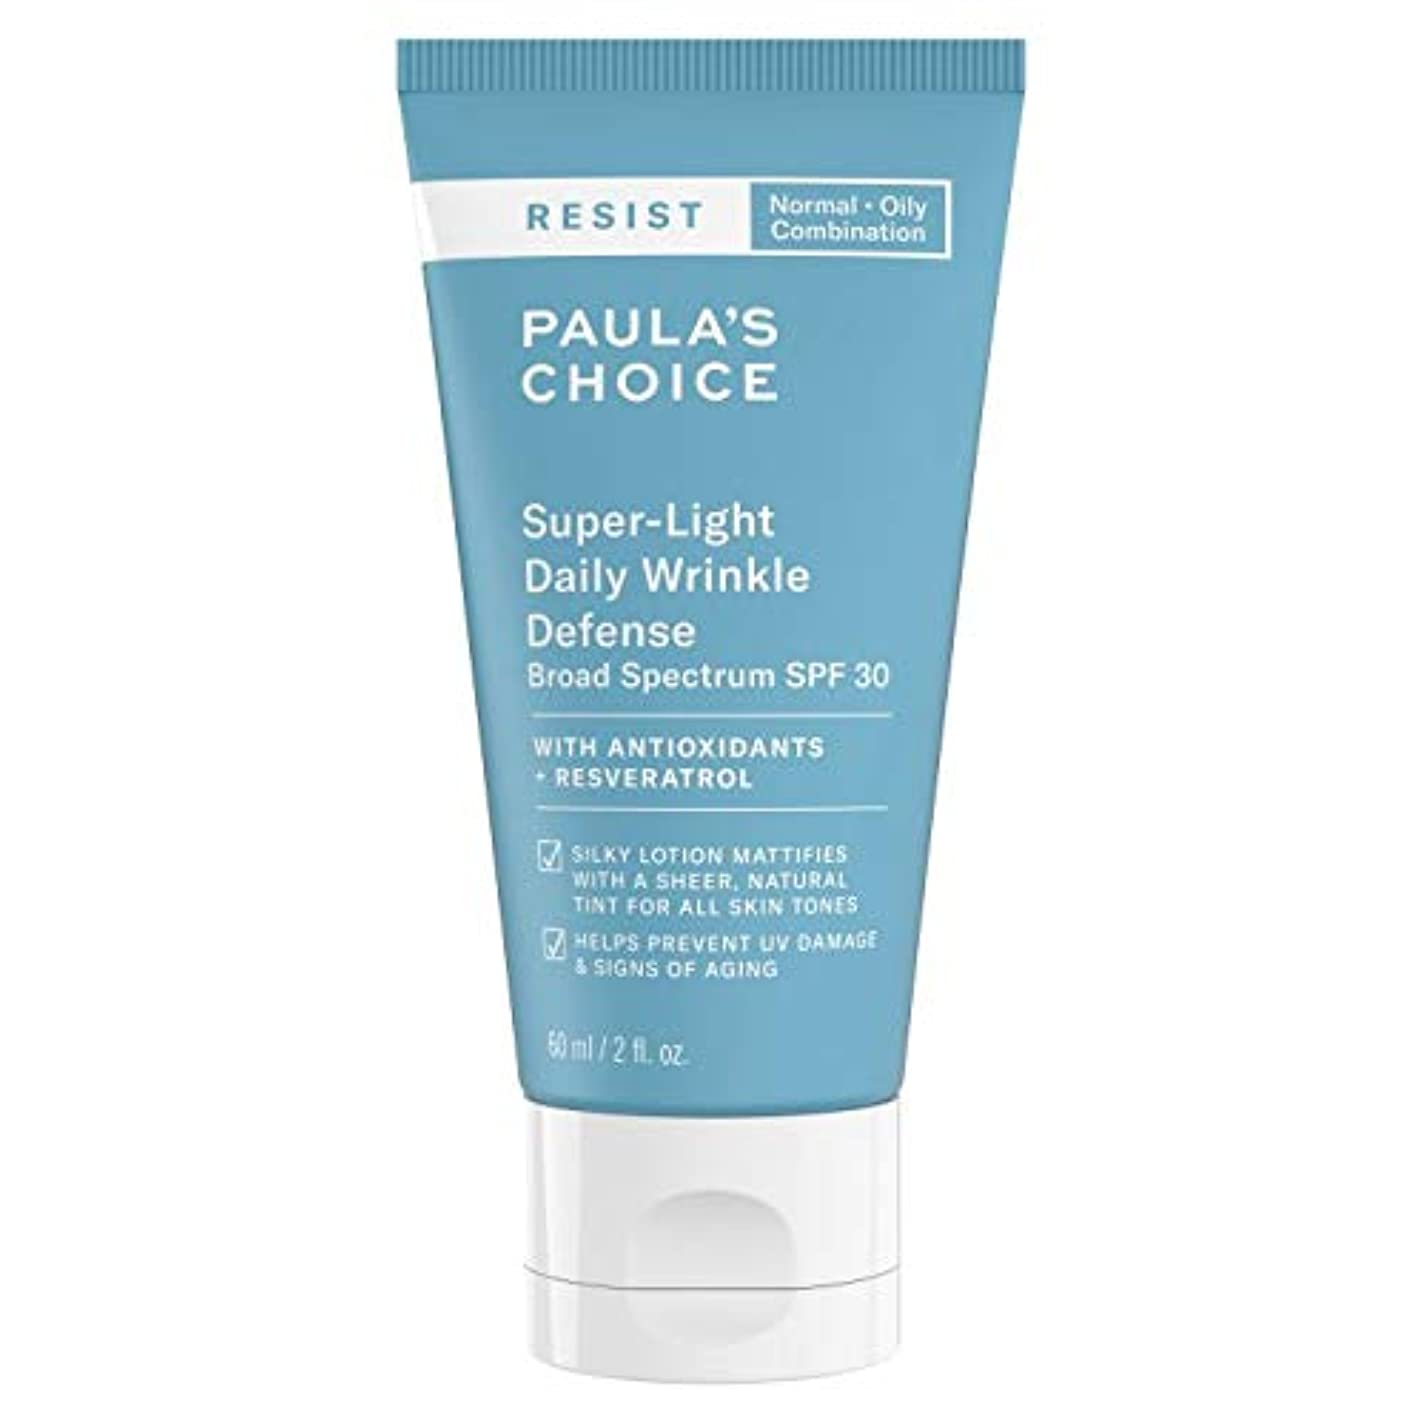 農業の流行しているそうでなければポーラチョイス レジスト スーパーライト 毎日のしわの防衛 サンスクリーン (60ml) SPF30 / Paula's Choice Resist Super-Light Daily Wrinkle Defense Sunscreen